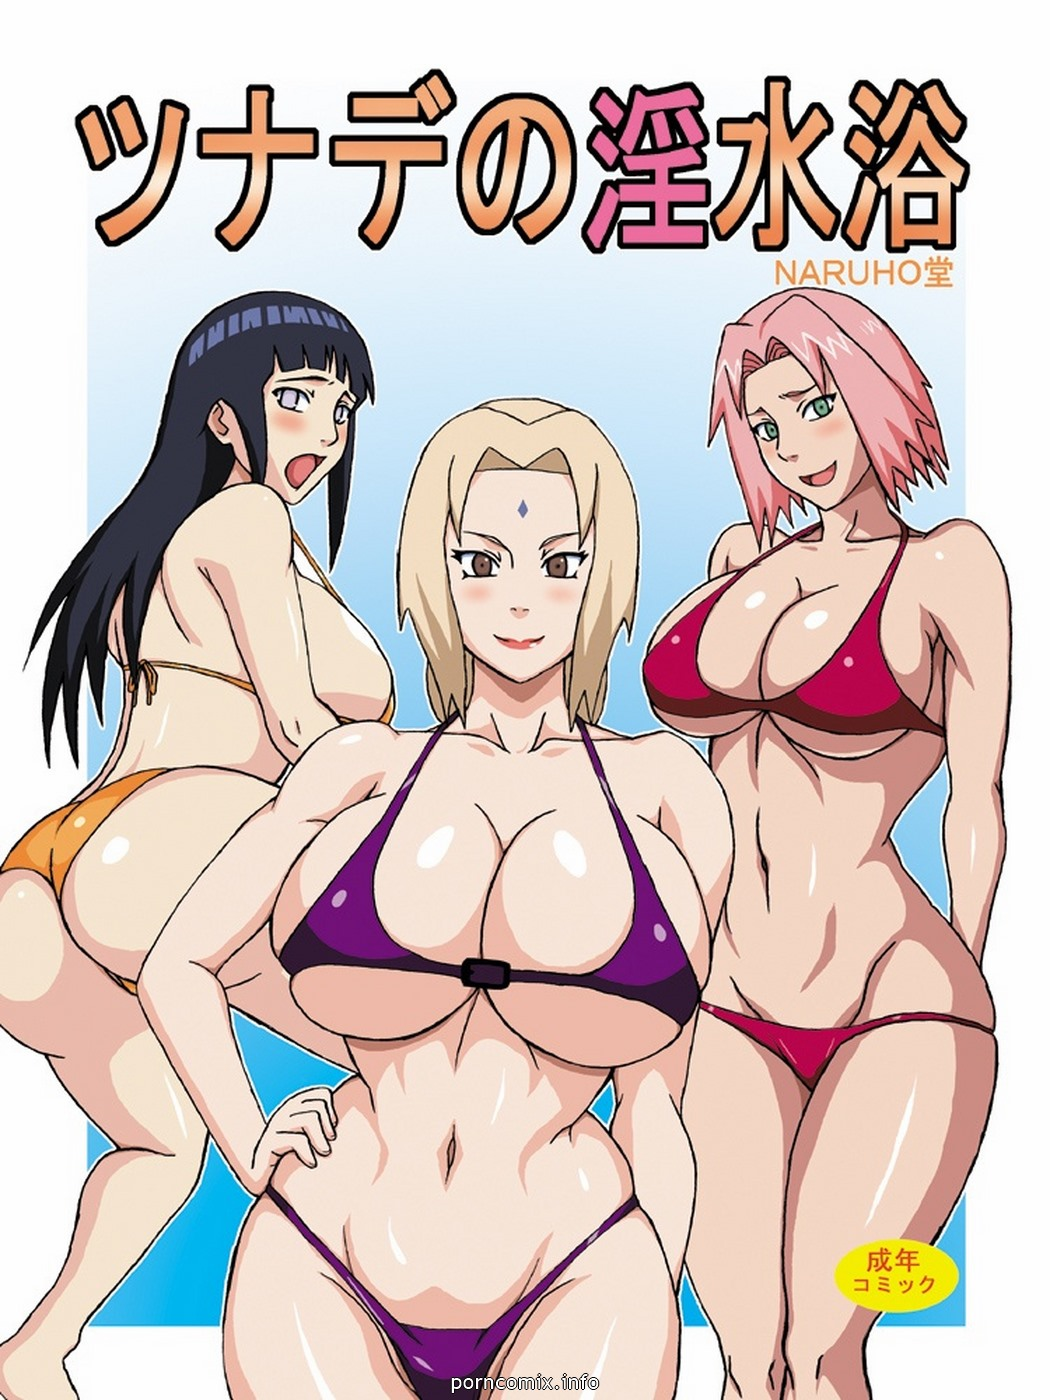 Porn Comics - Tsunade's Obscene Beach (Naruto) porn comics 8 muses